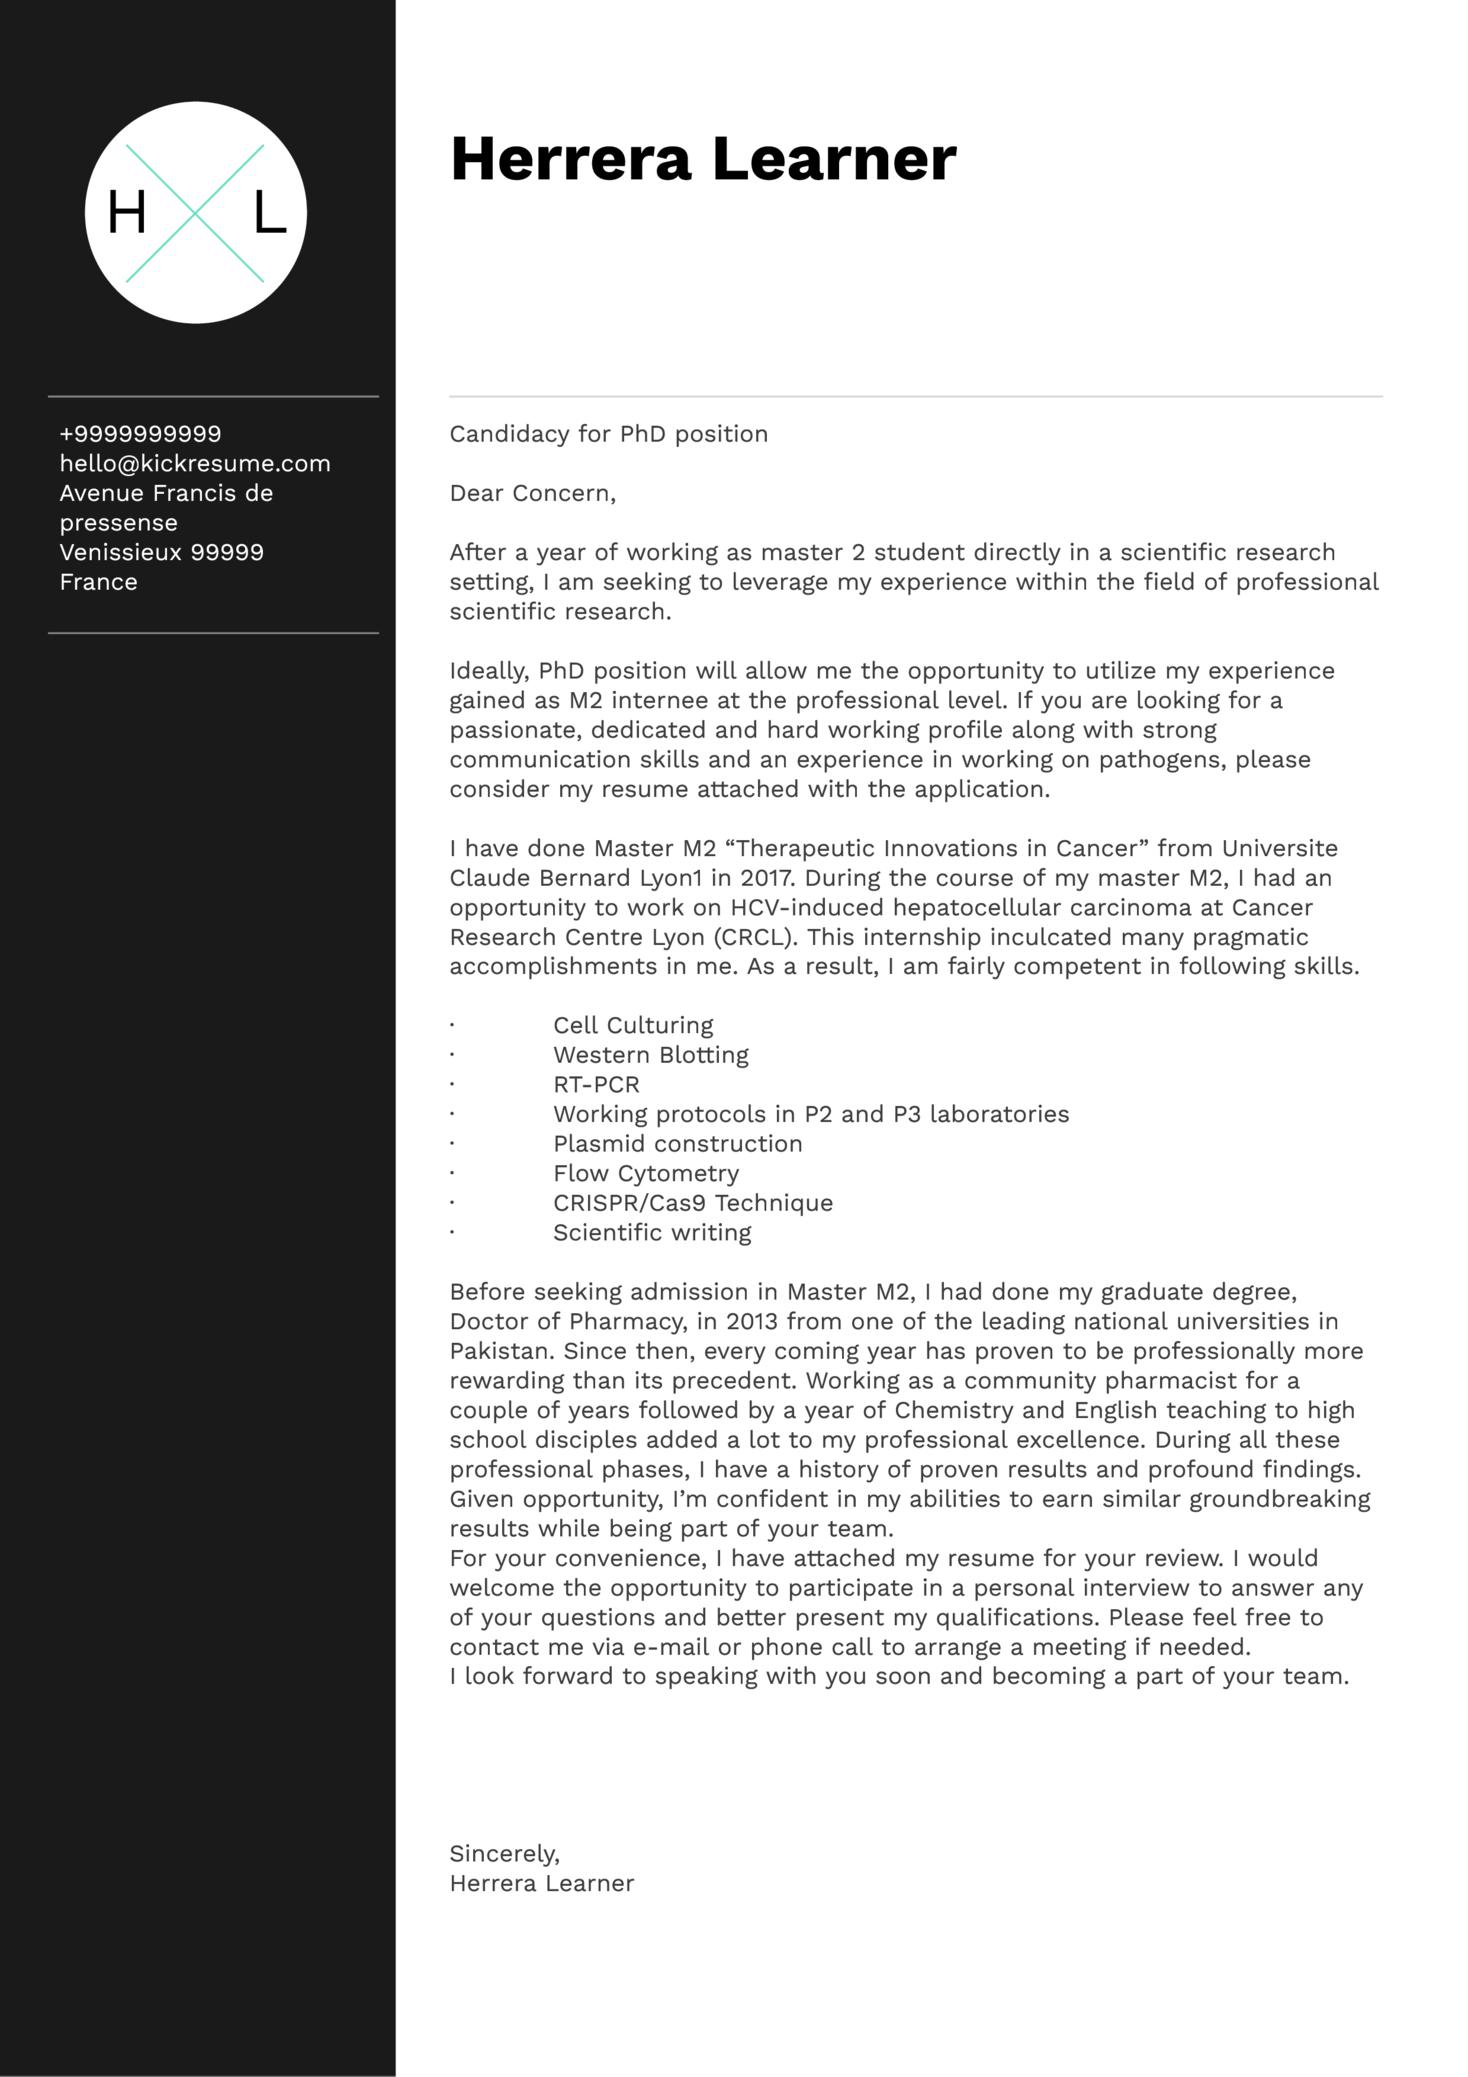 Lyon University PhD Student Cover Letter Sample